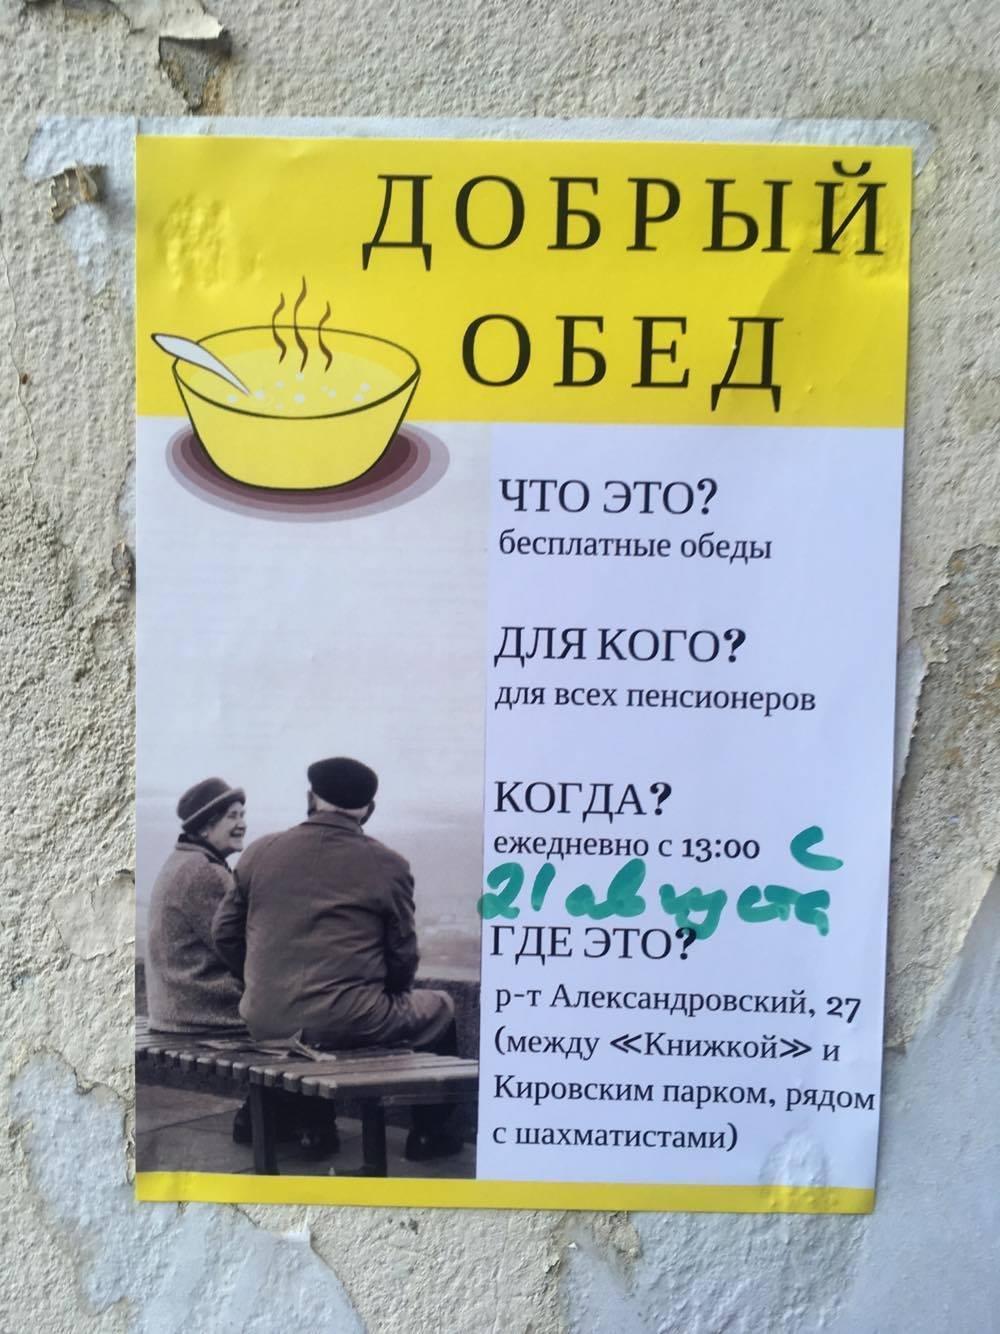 Одесских пенсионеров будут бесплатно кормить, фото-1